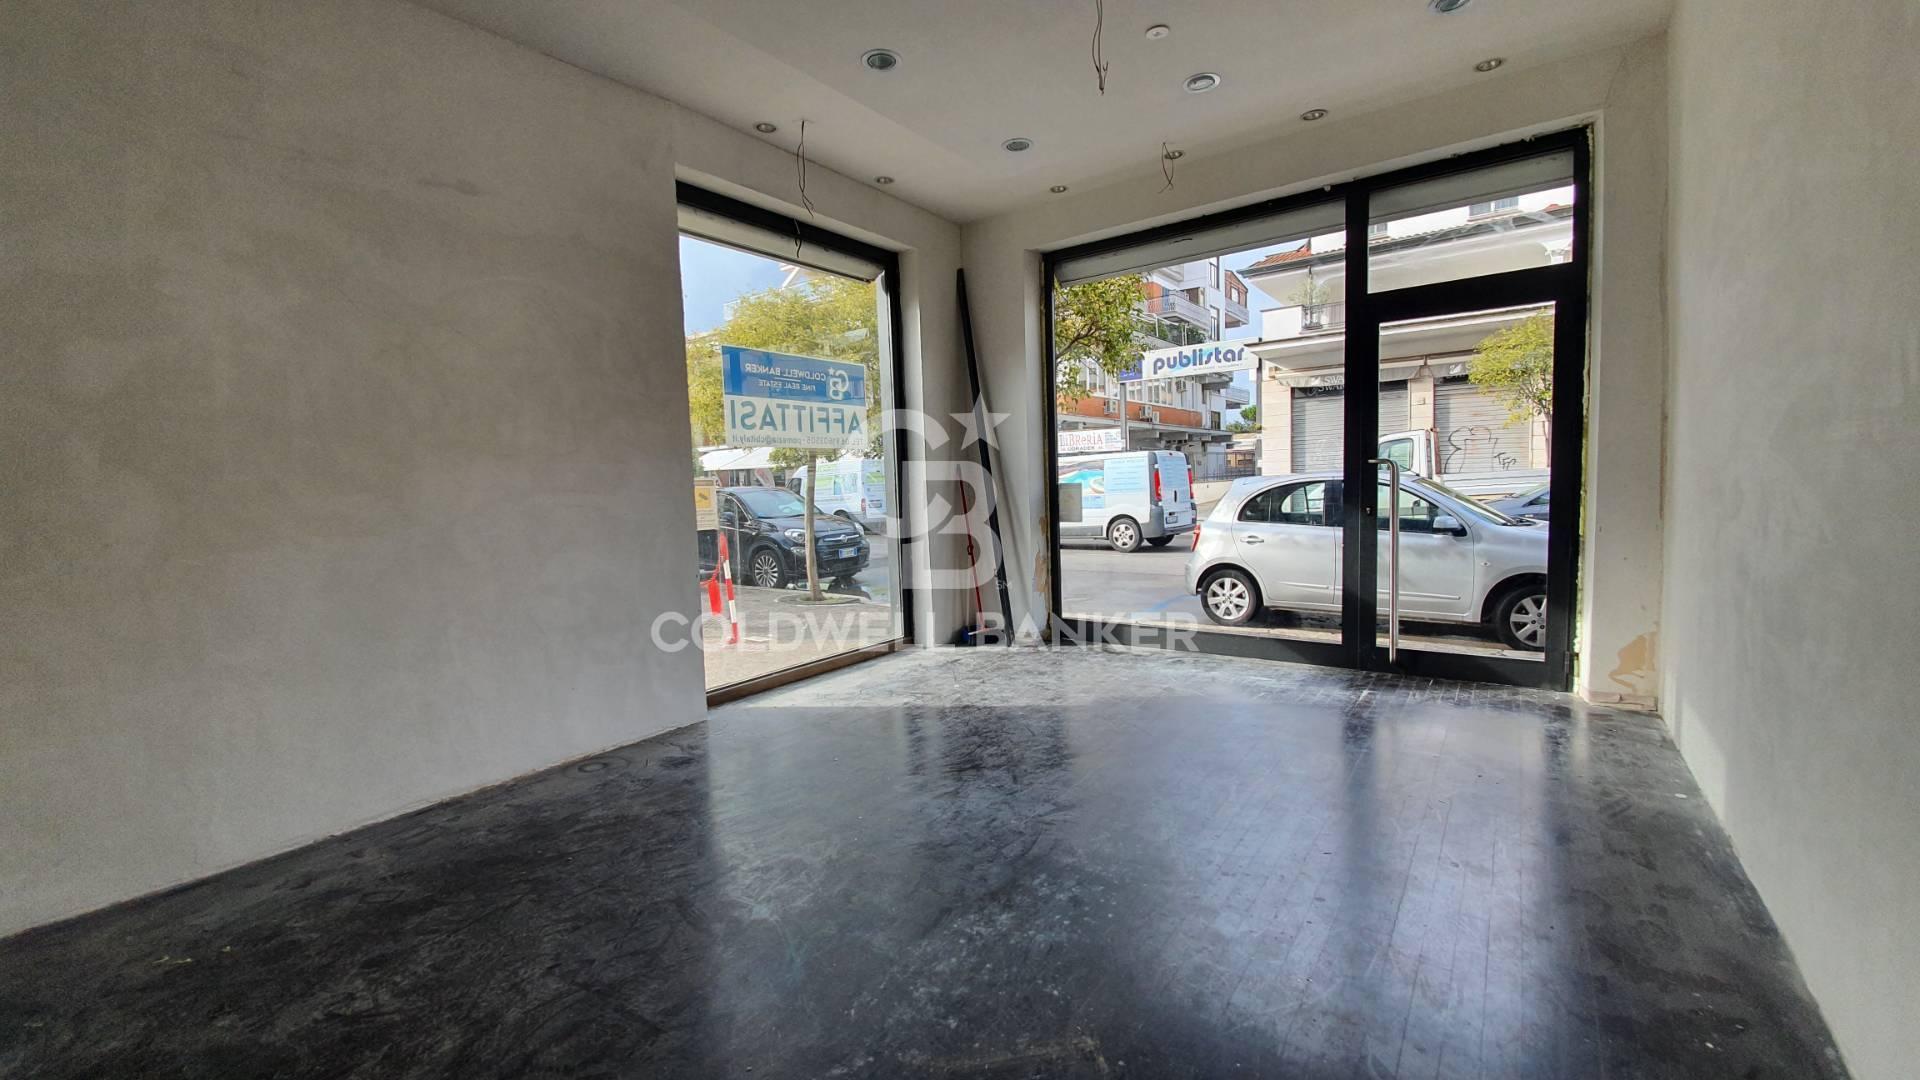 Negozio / Locale in affitto a Pomezia, 9999 locali, zona Località: Centro, prezzo € 2.000   CambioCasa.it